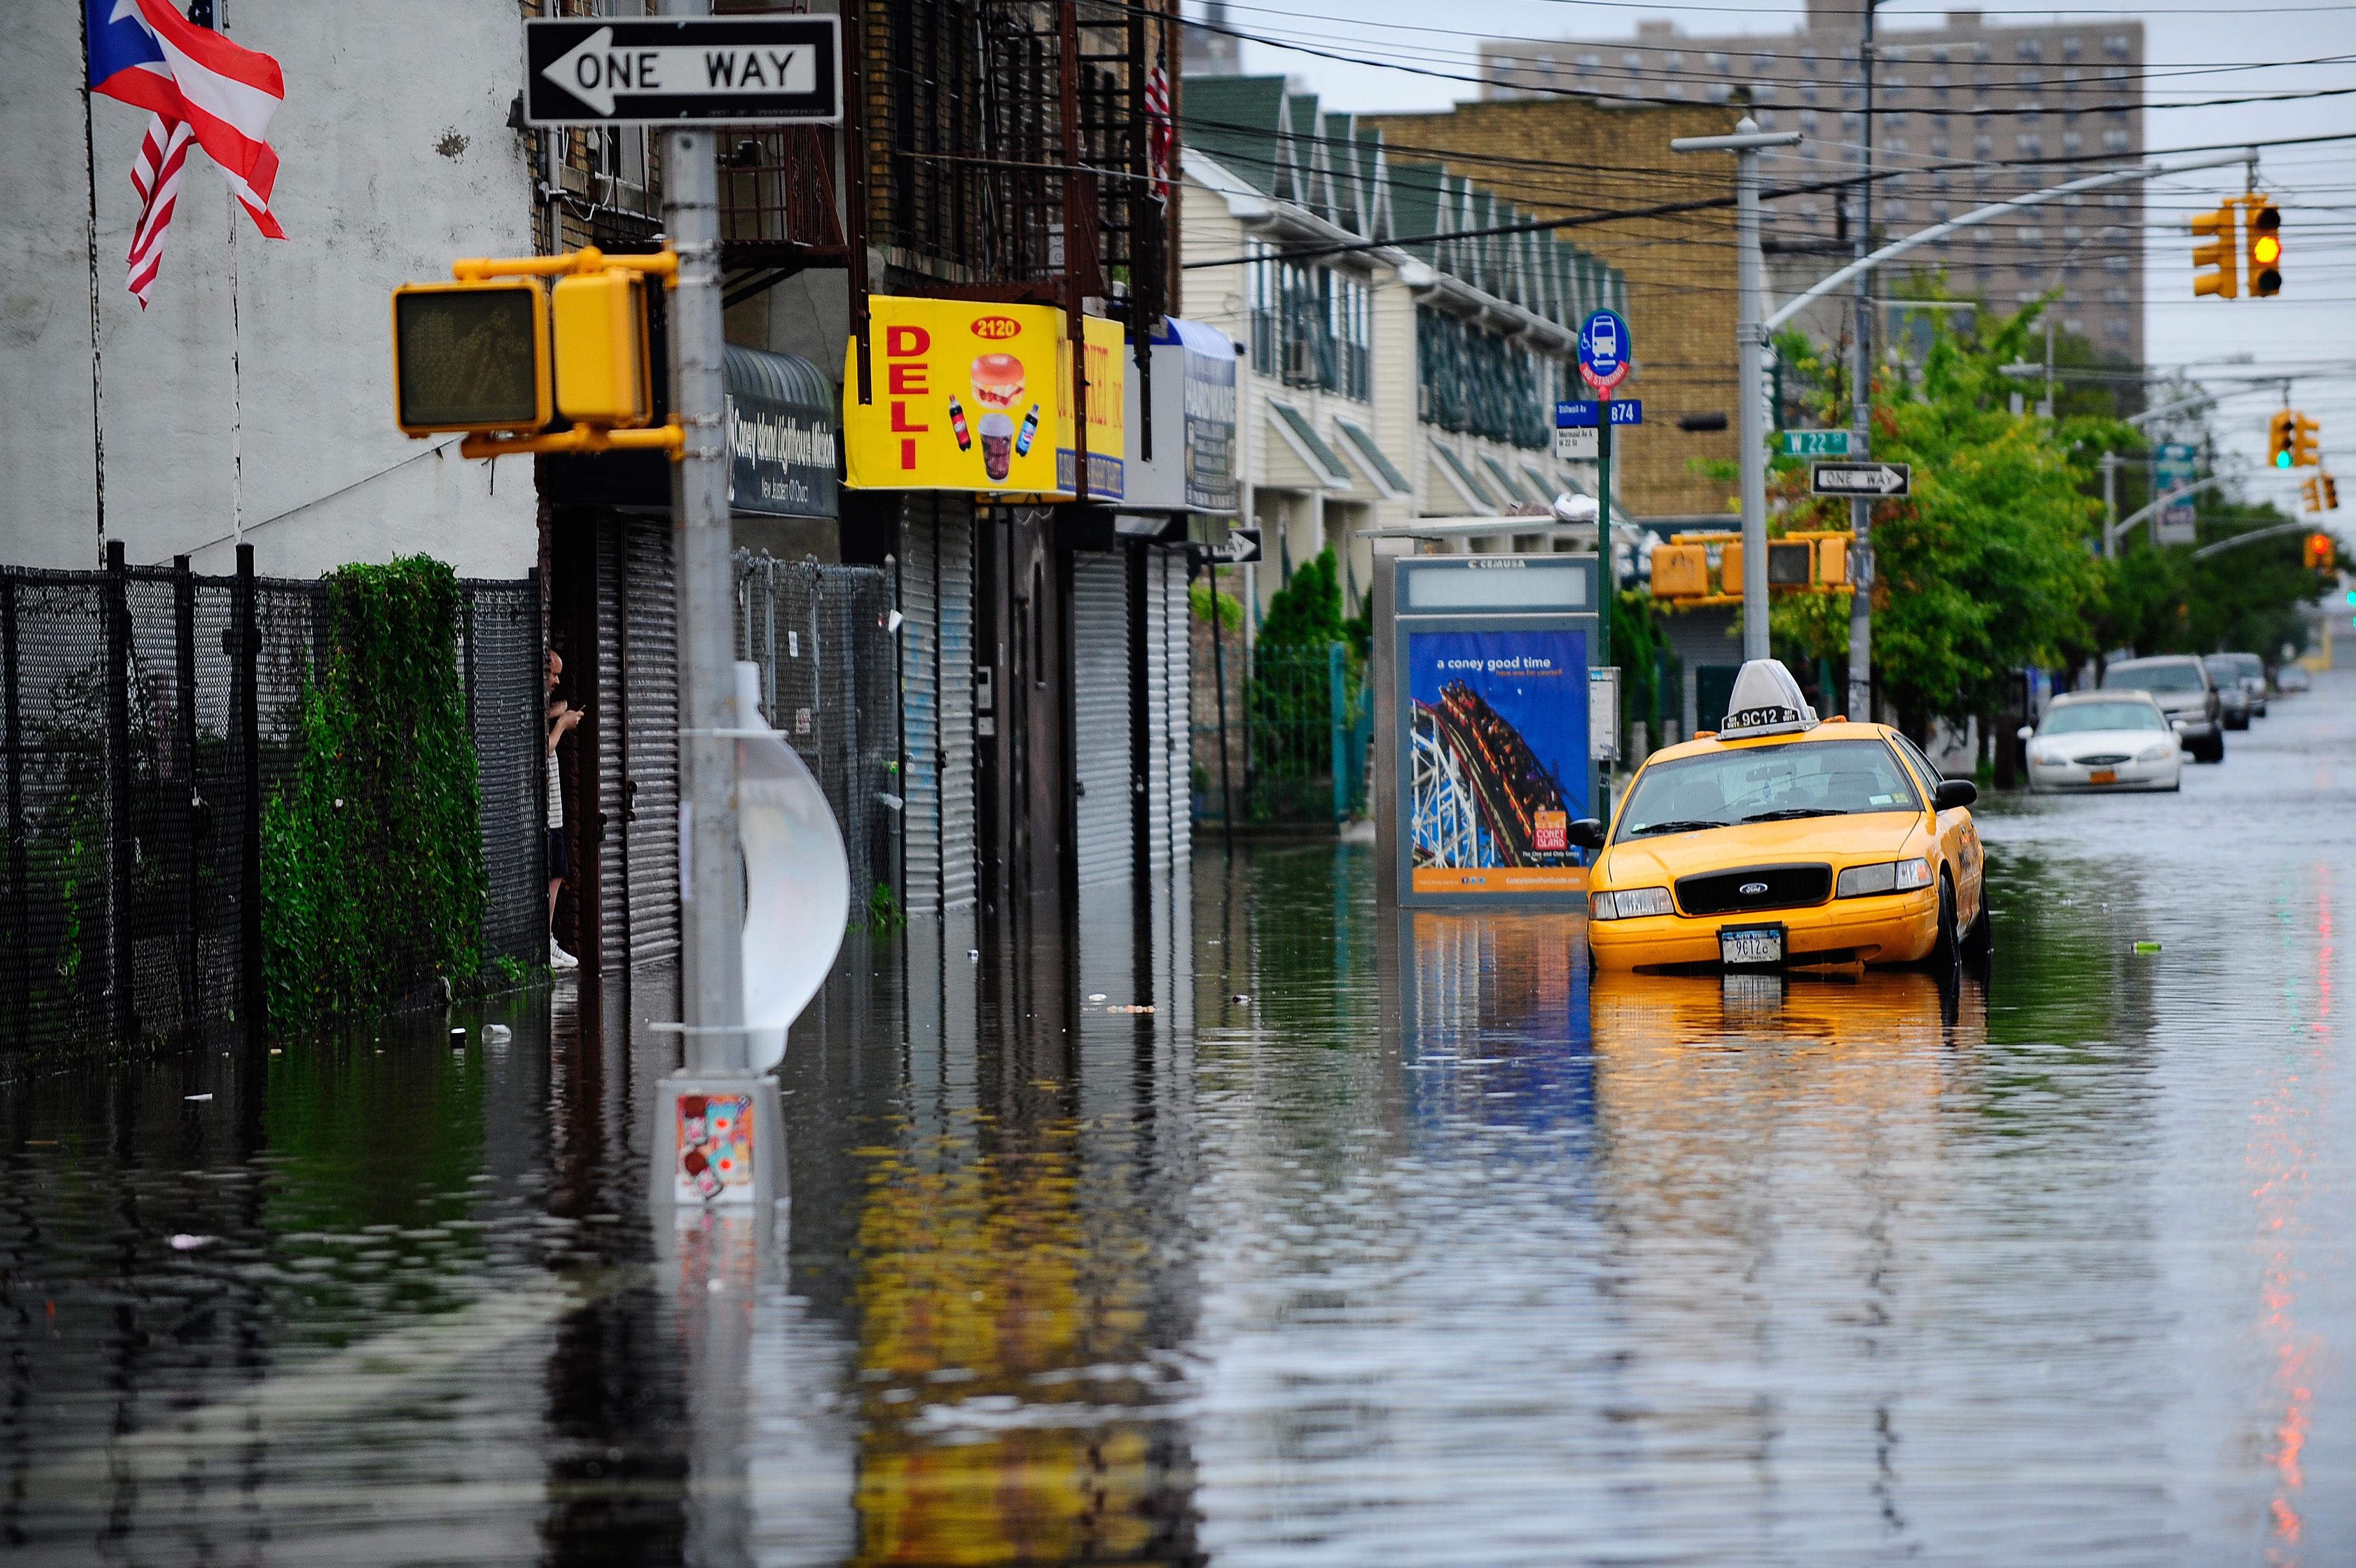 Ураган Ирэн, который обрушился в выходные на Атлантическое побережье США, ослаб и стал тропическим штормом. Фото: MANDEL NGAN/Getty Images